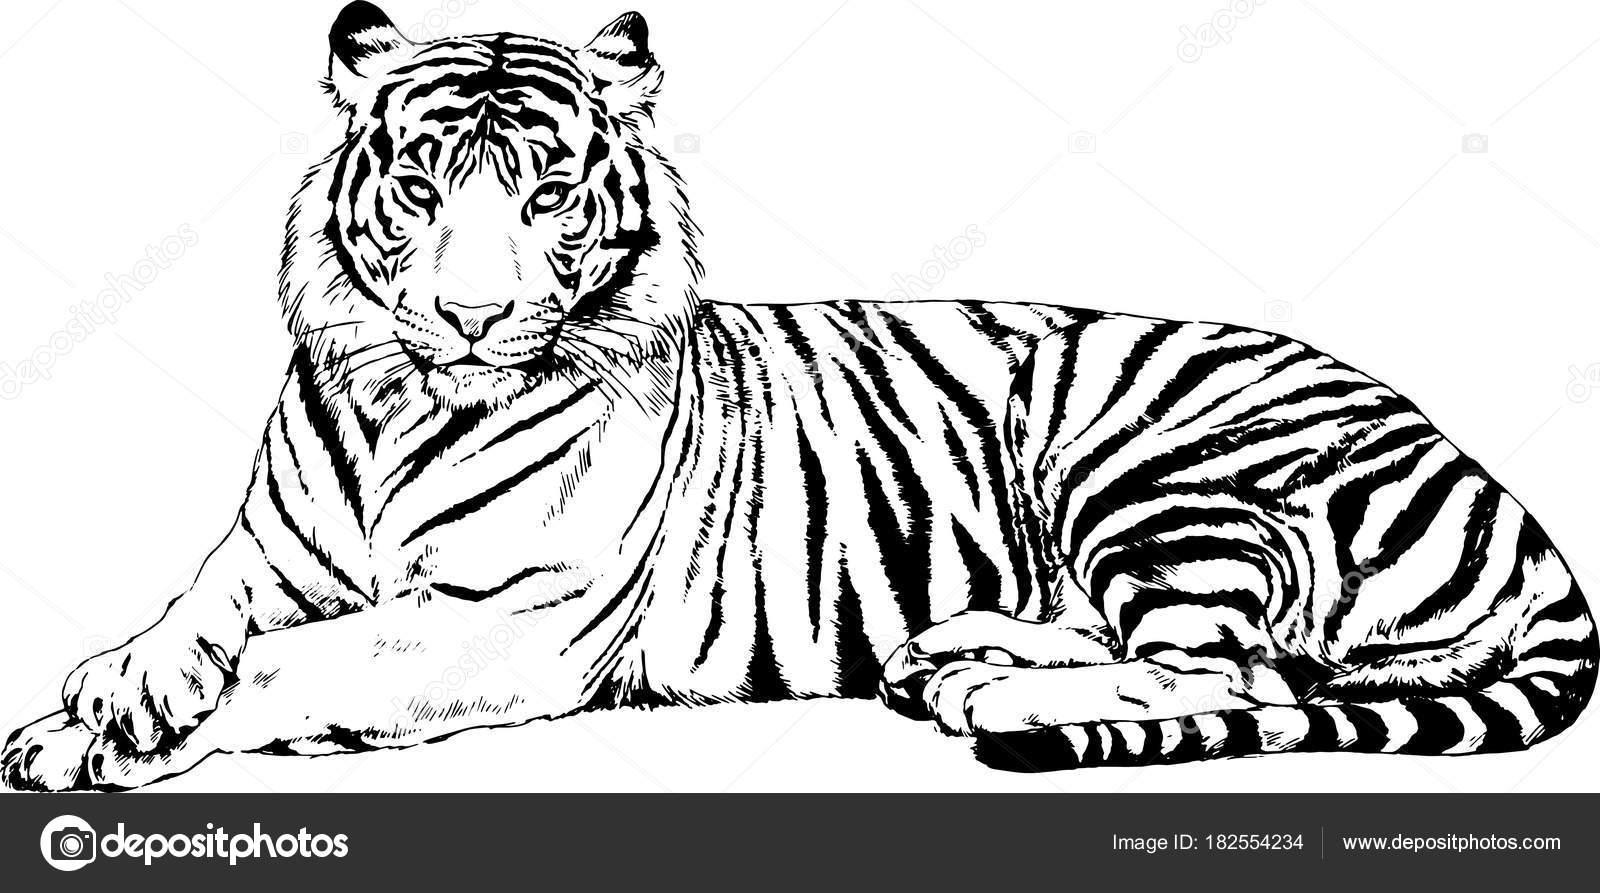 gro e tiger gemalt mit tinte von hand auf einem wei en stockvektor evgo1977 182554234. Black Bedroom Furniture Sets. Home Design Ideas